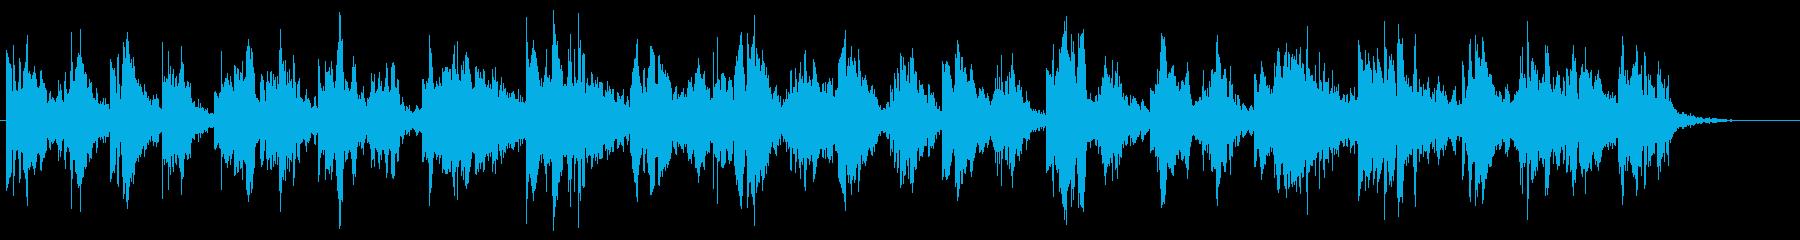 ヒーリング/自然/シンセ/ゆったりBGMの再生済みの波形